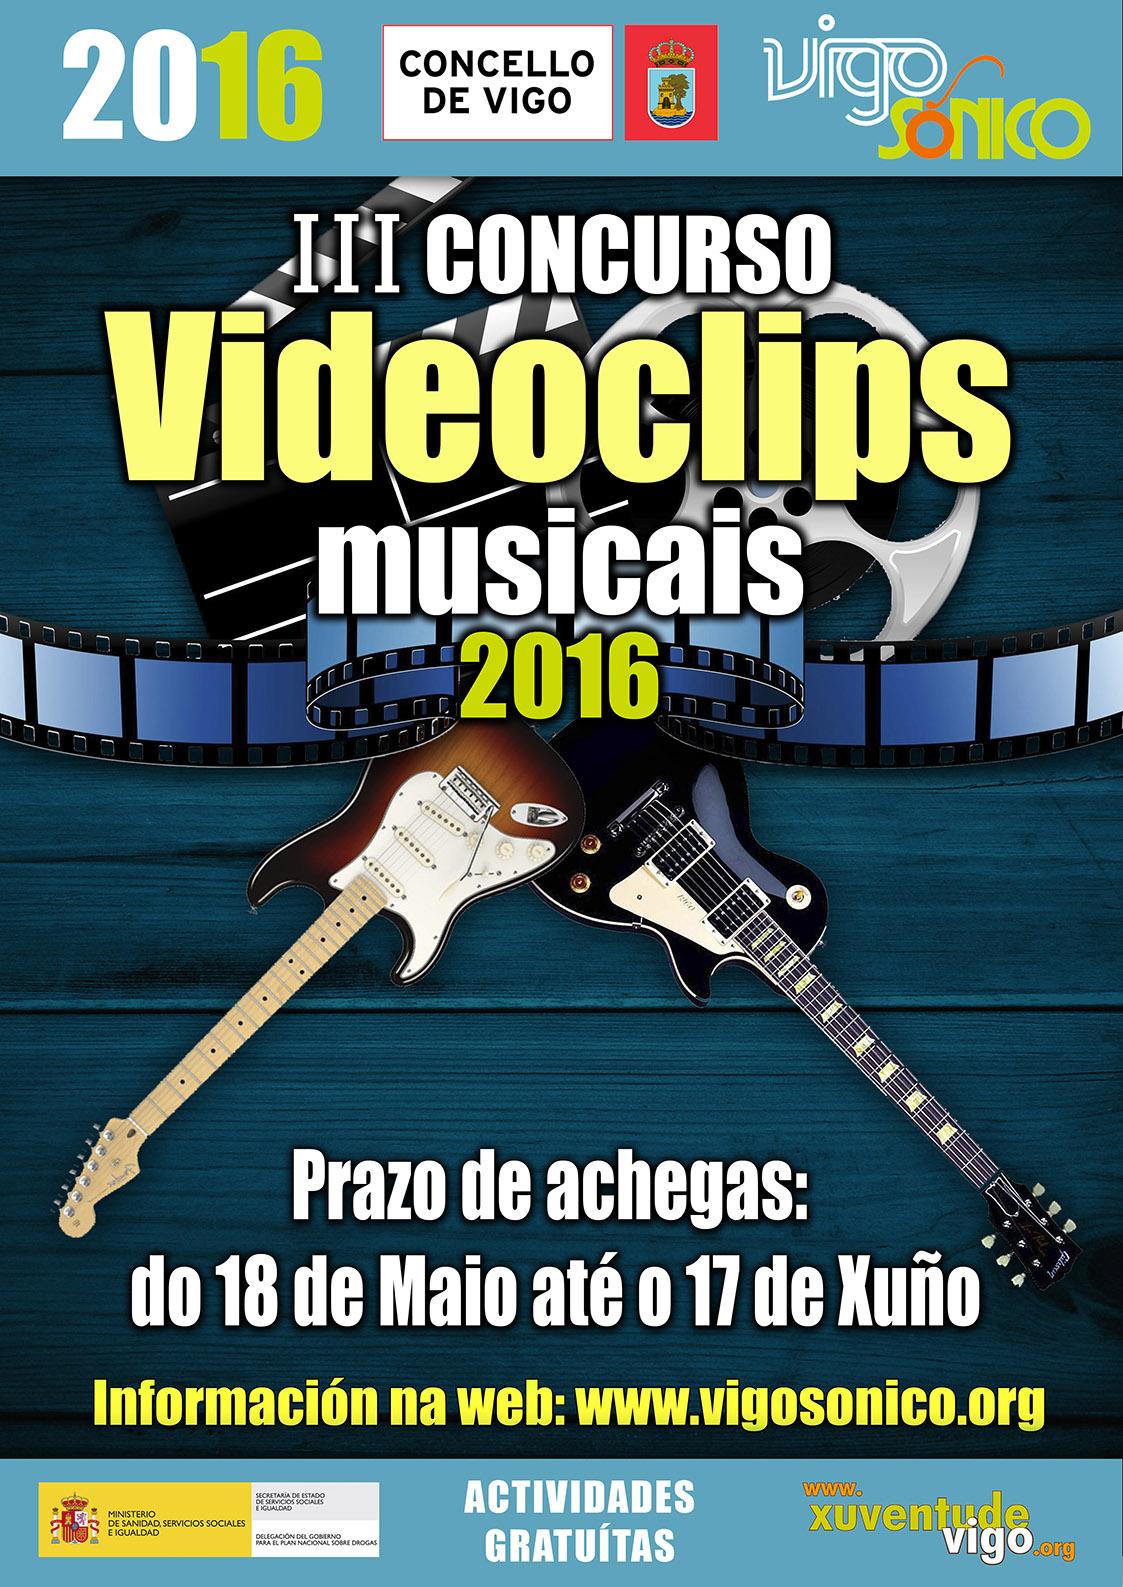 III Concurso VideoClips Musicais VigoSónico2016